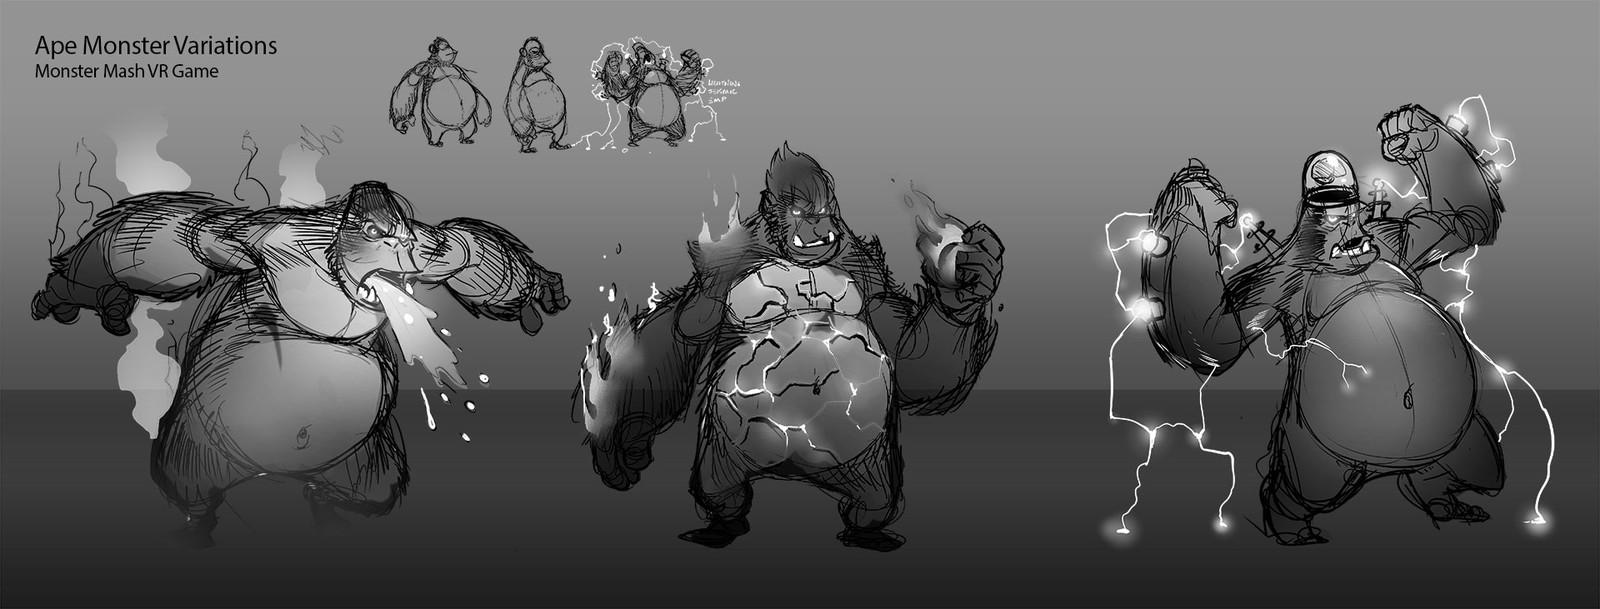 Preproduction: Ape monster explorations